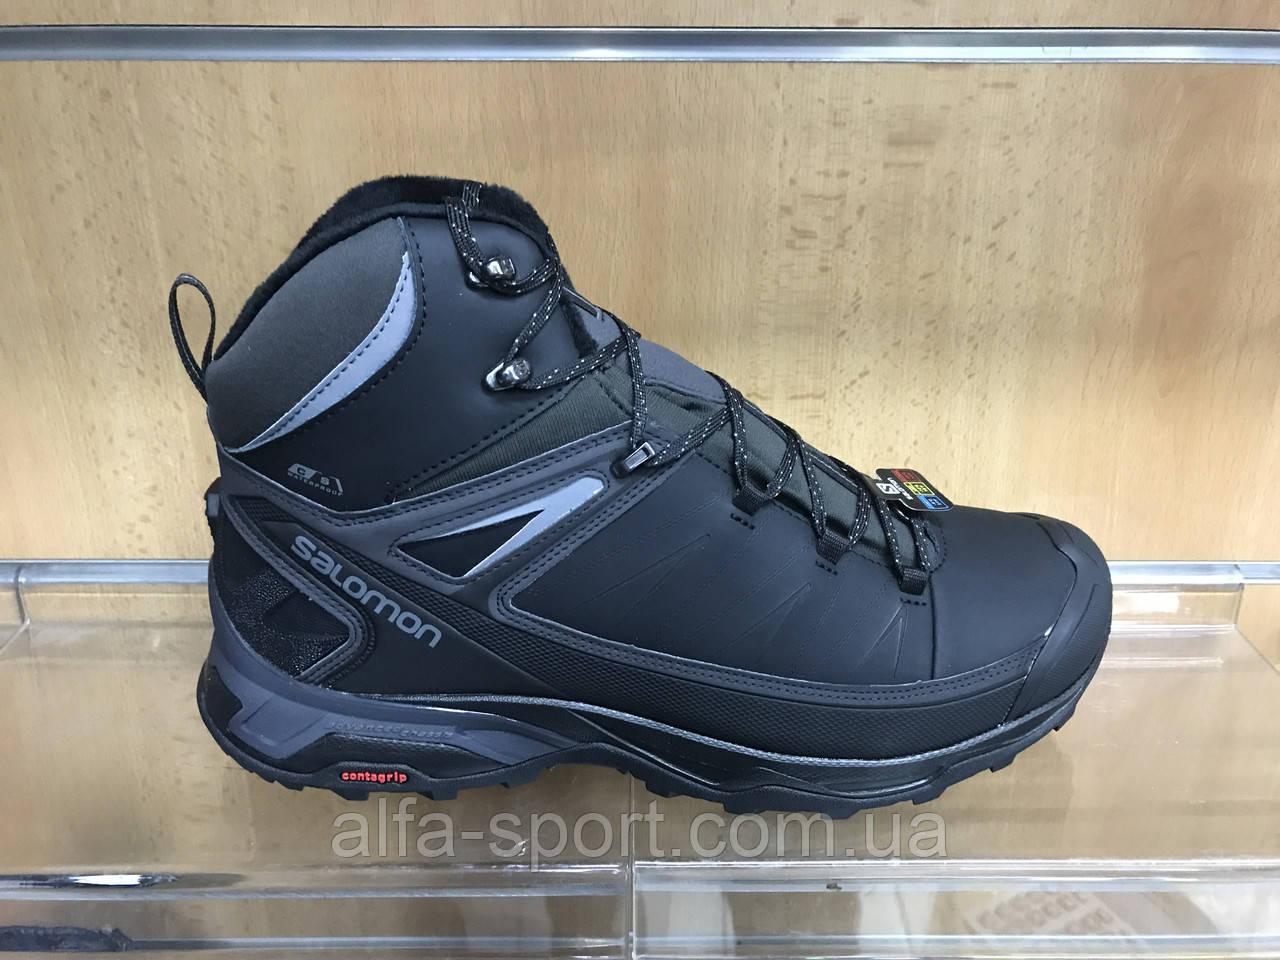 separation shoes 895d4 e998e Ботинки Salomon X Ultra Mid Winter CS WP (404795) : продажа, цена в  Харькове. ботинки мужские от